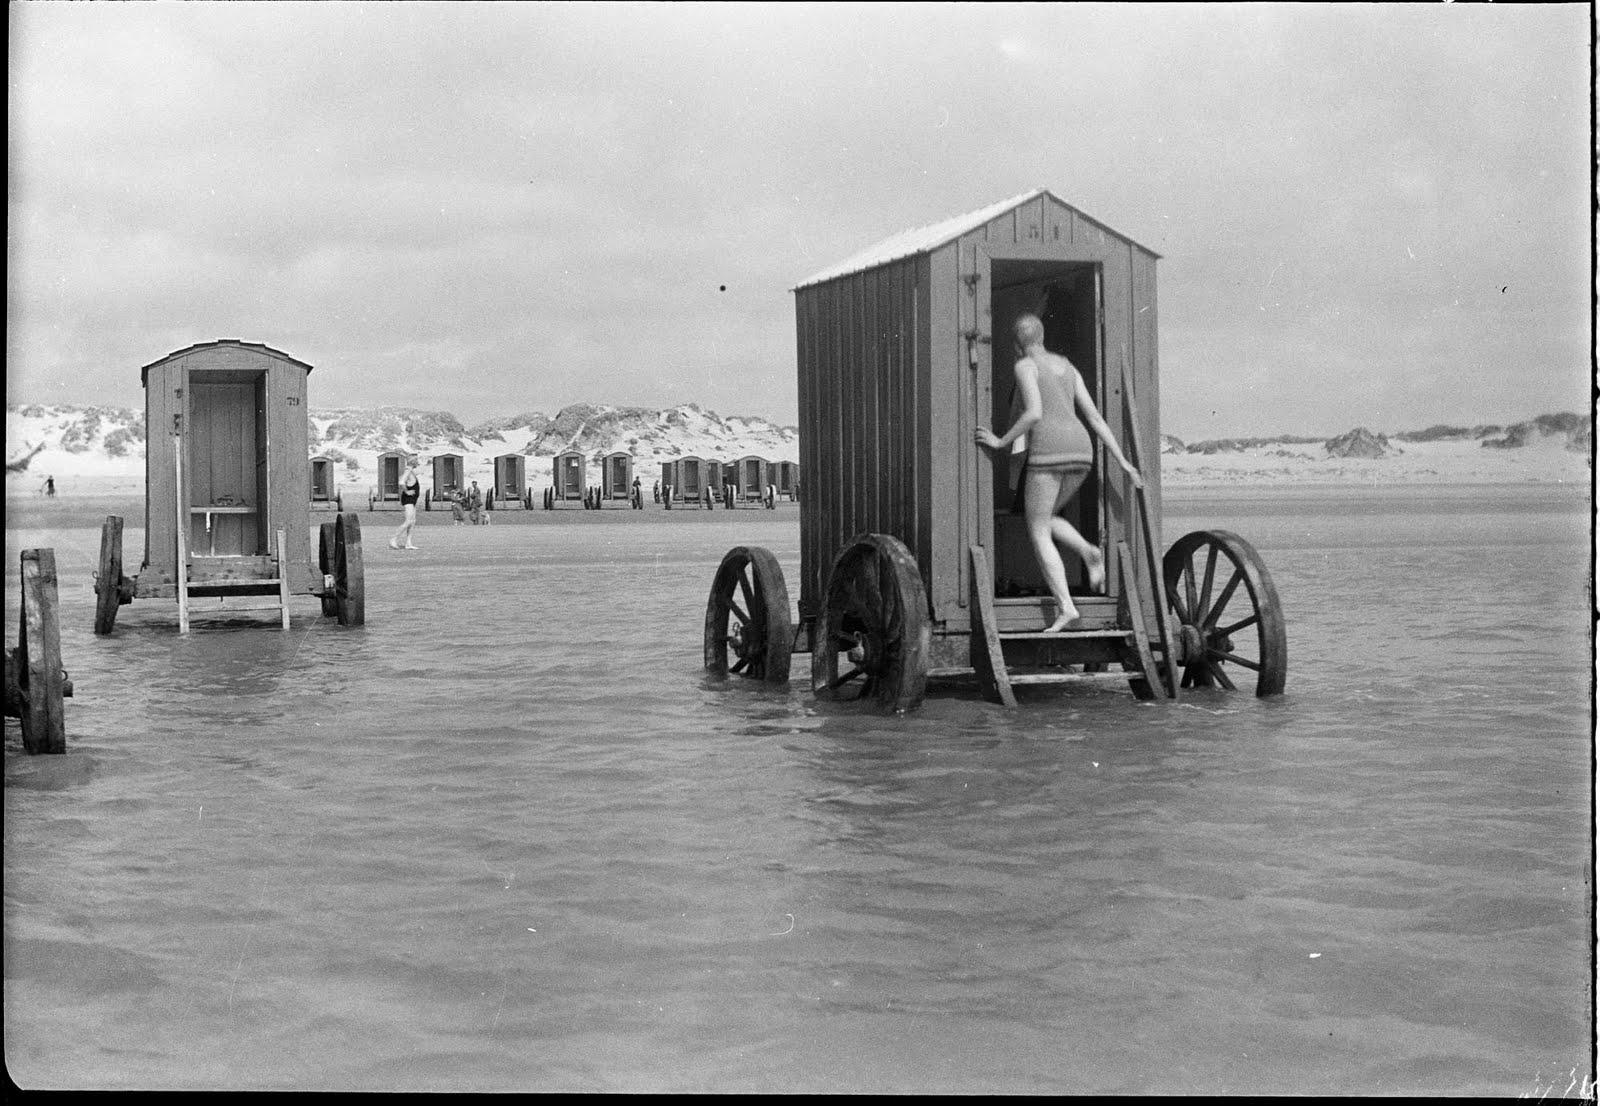 machine bain cabine plage mer 26 Des cabines de bain mobiles pour se baigner en toute dignité